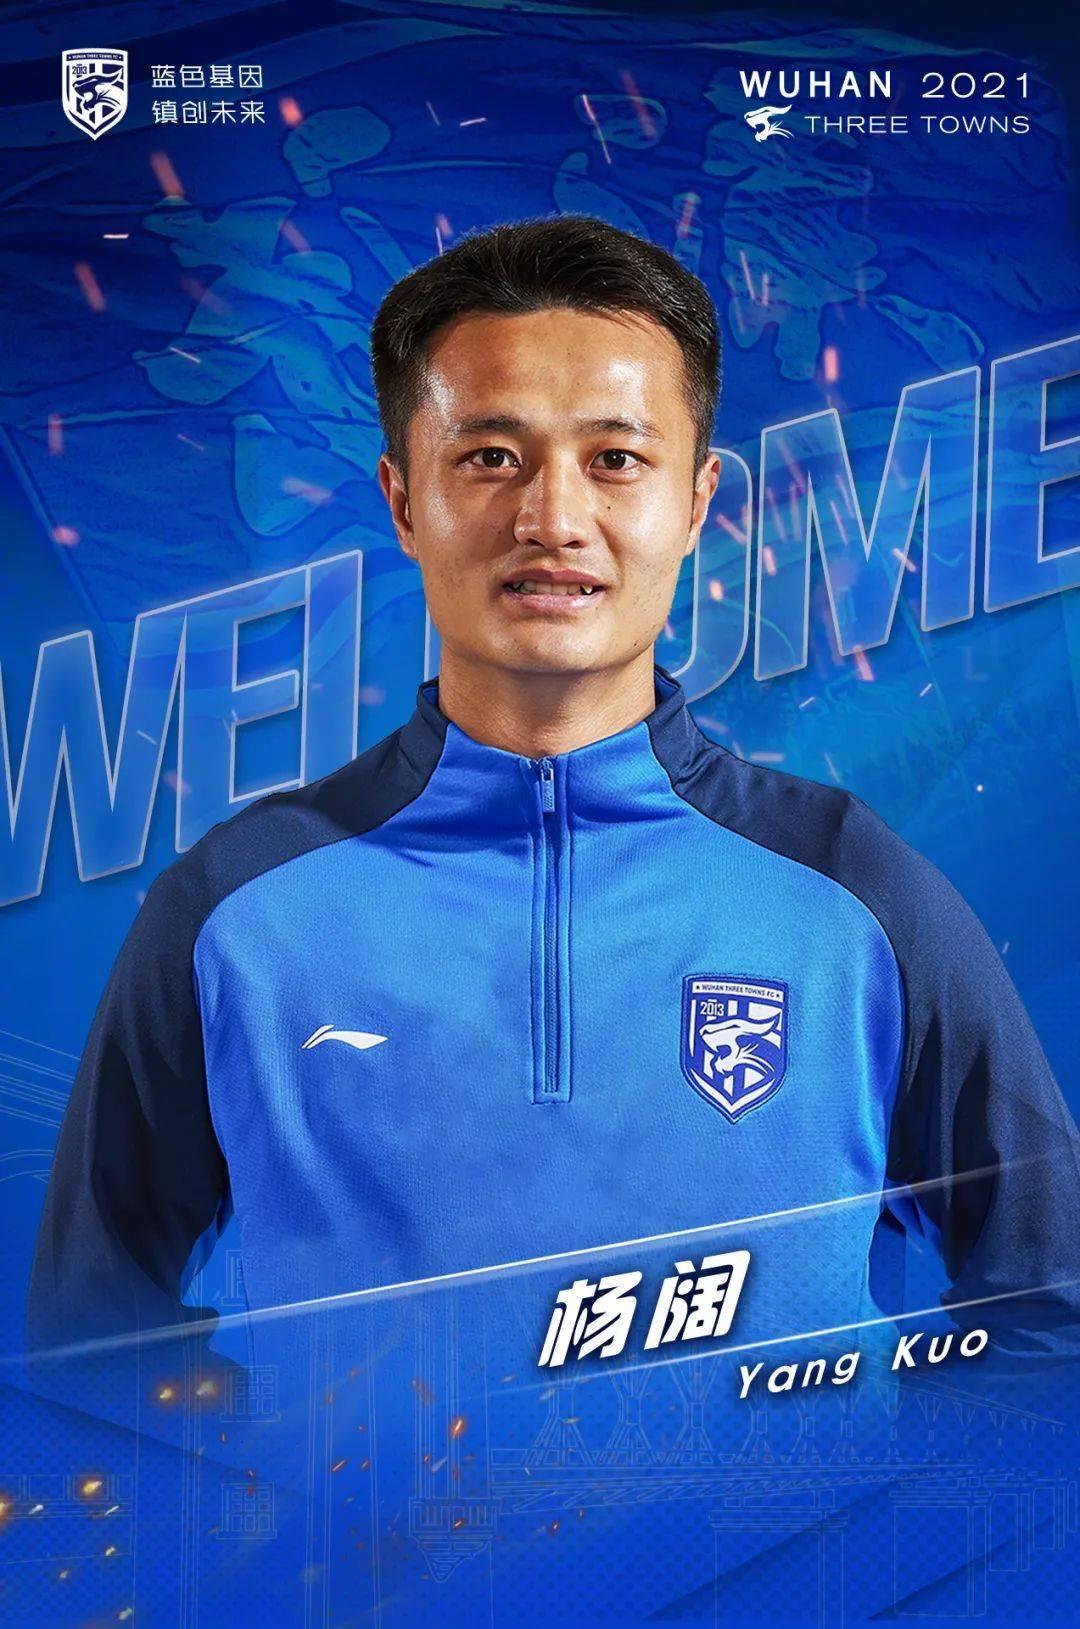 中甲武汉队官宣签约3将 殷亚吉杨阔正式加盟球队